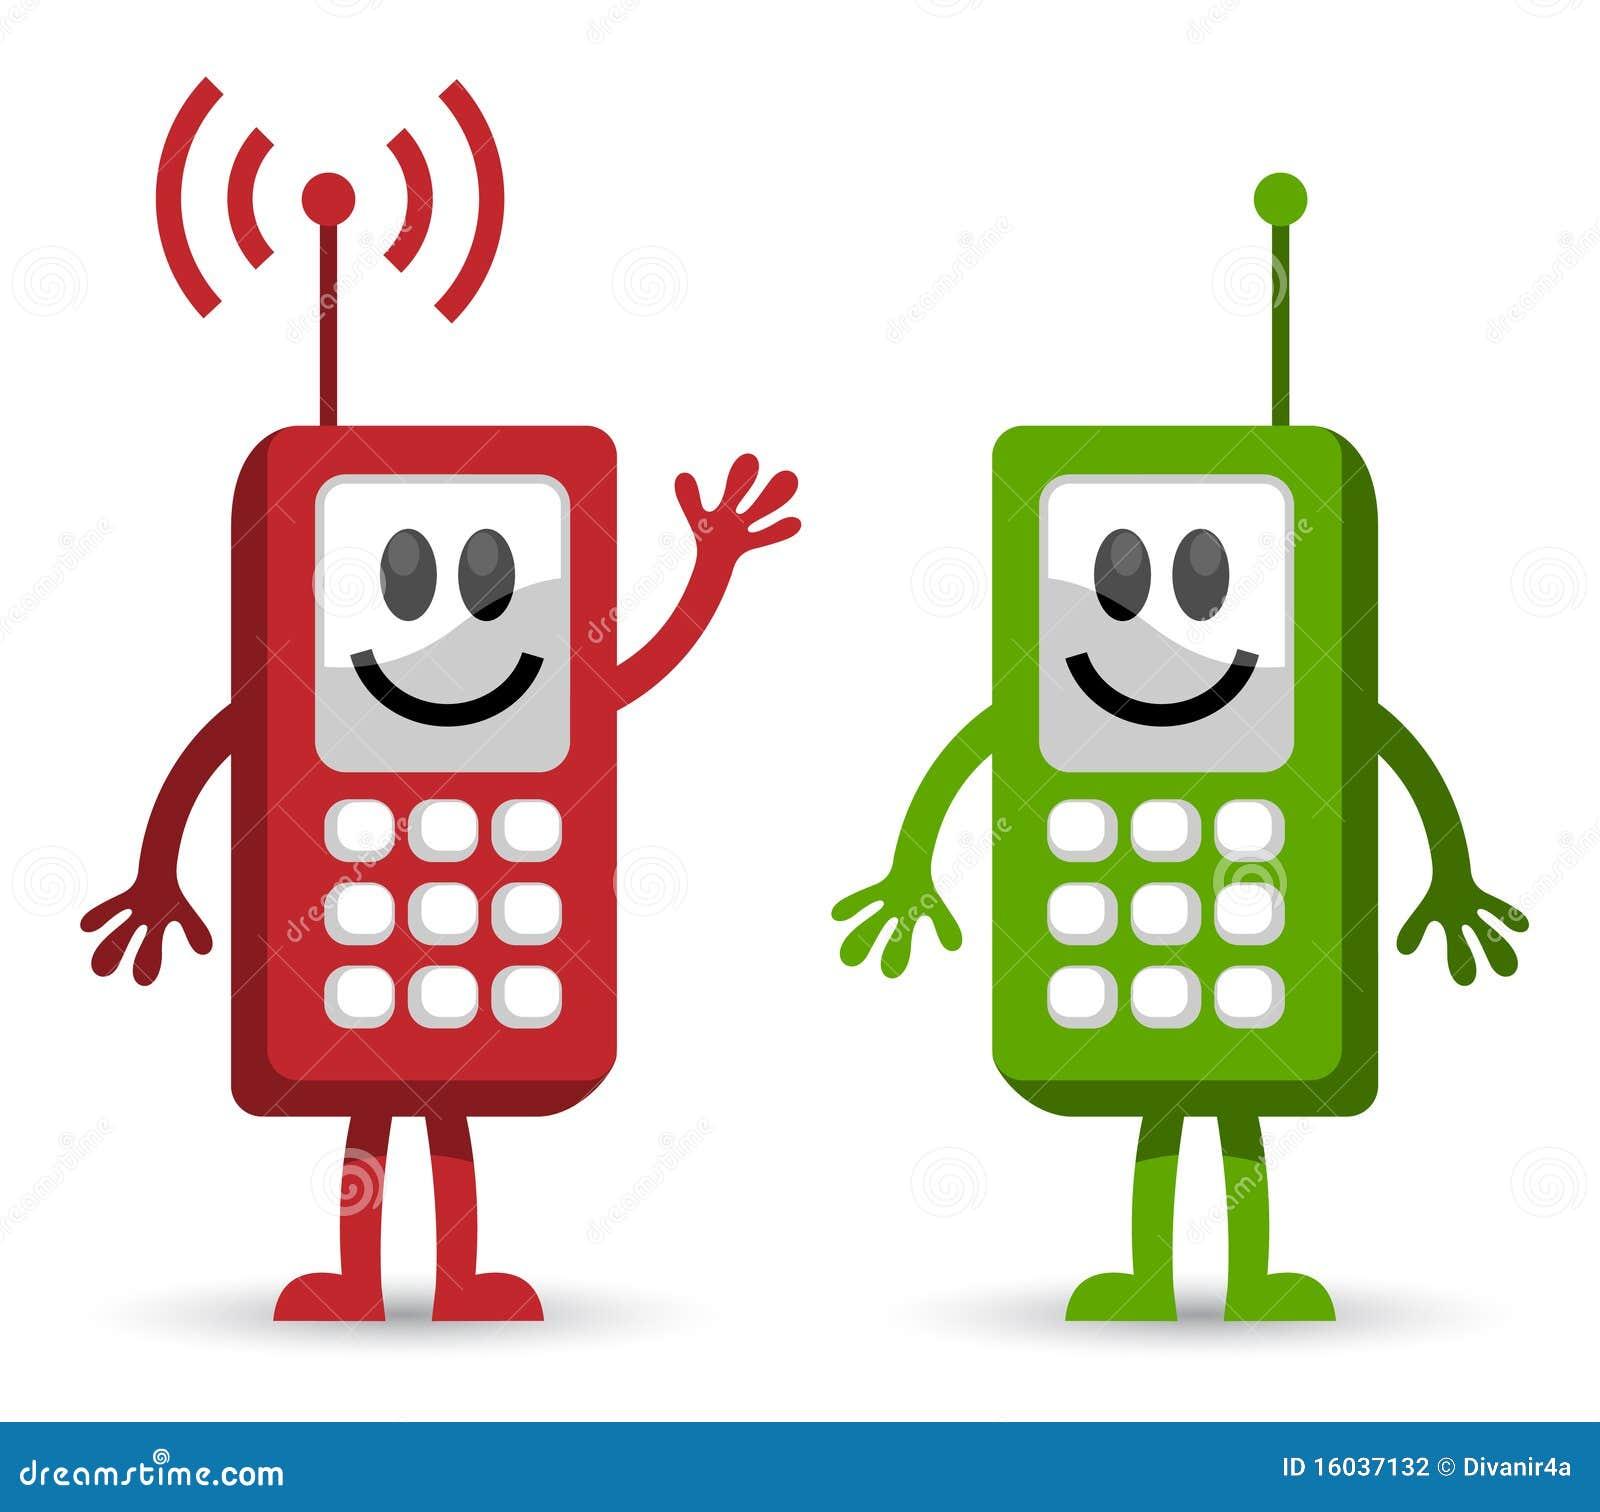 Cellphone conversation